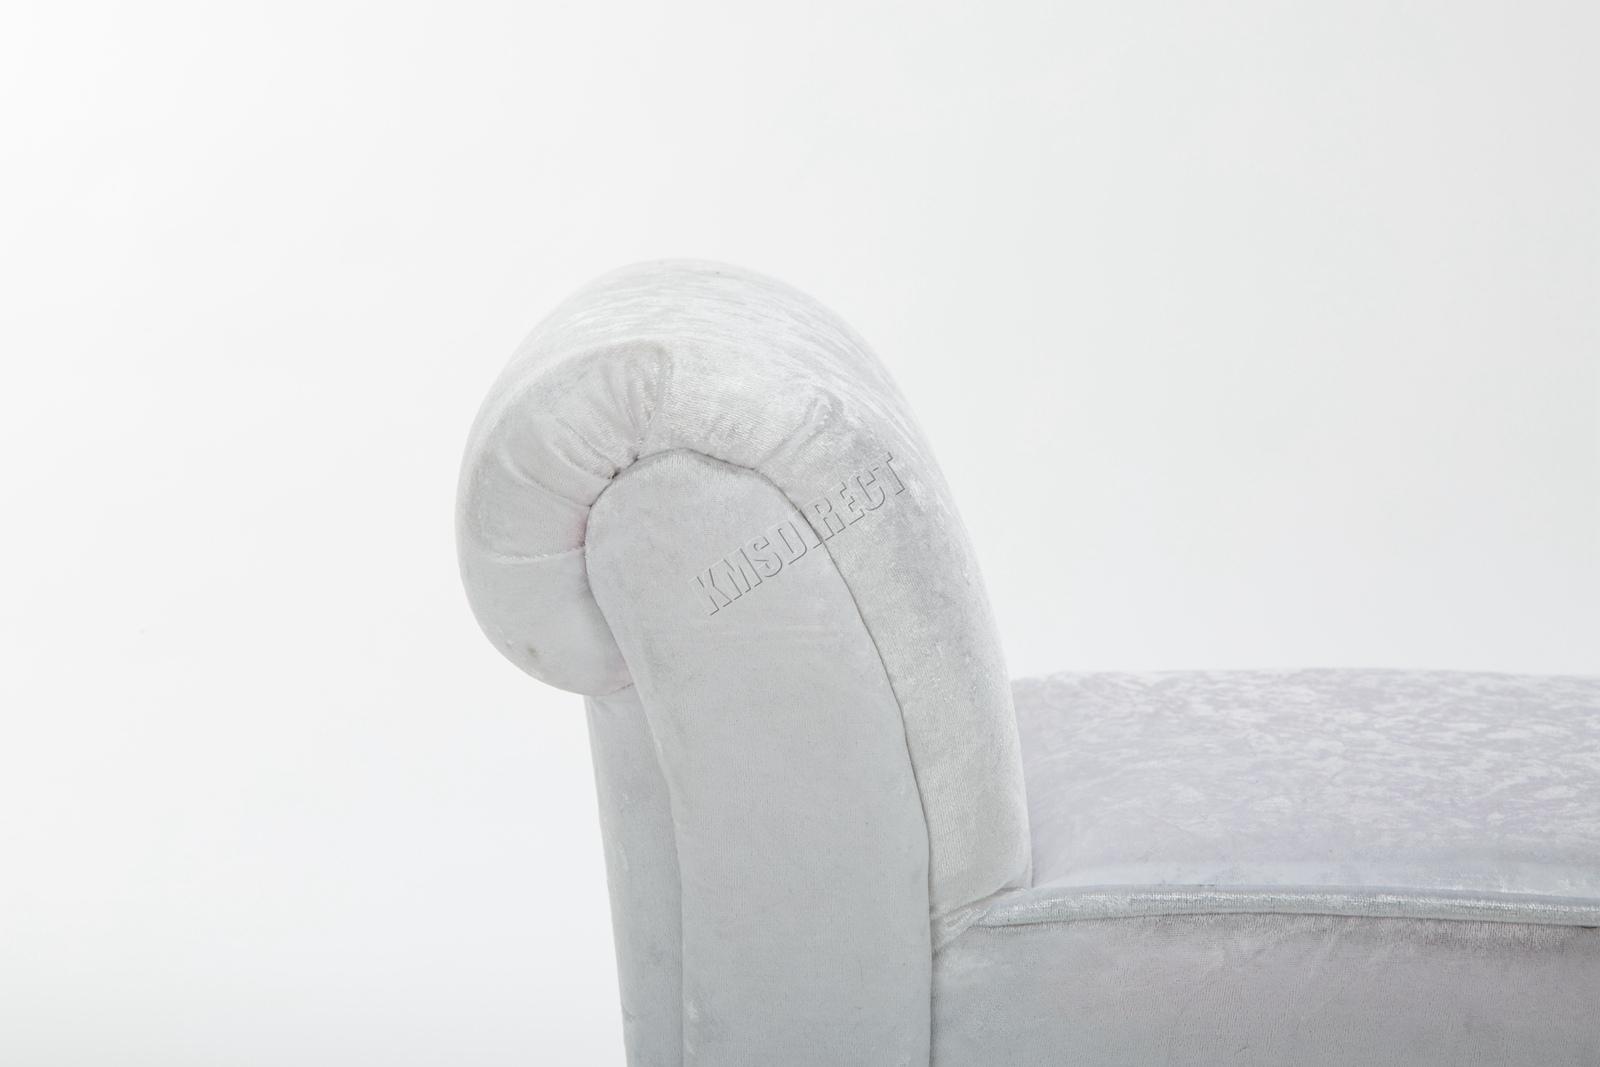 Westwood-Stoff-Bench-Fusshocker-Sitz-Pouf-Wuerfelfoermig-Polsterhocker-Schlafzimmer Indexbild 29